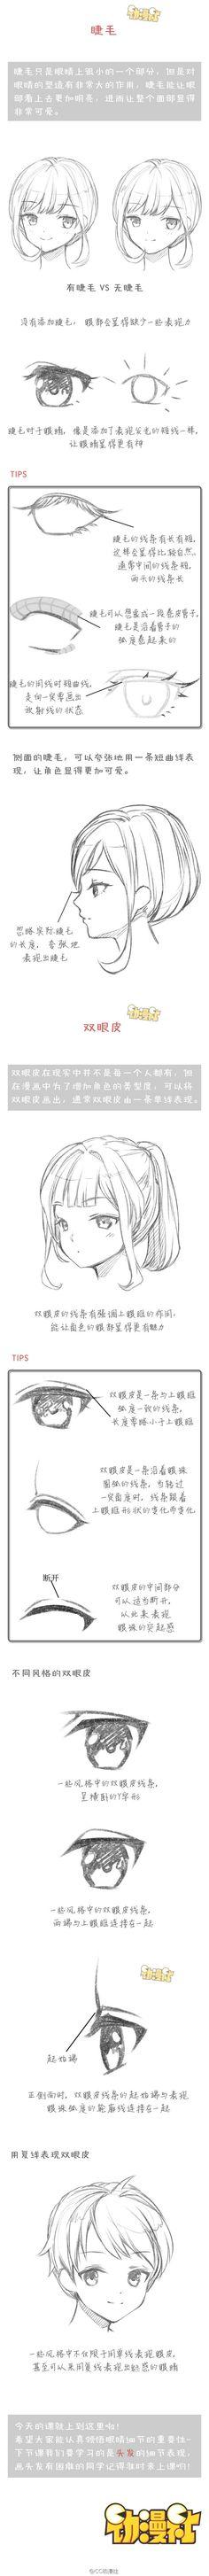 西瓜Ann采集到漫画教程(18图)_花瓣动漫